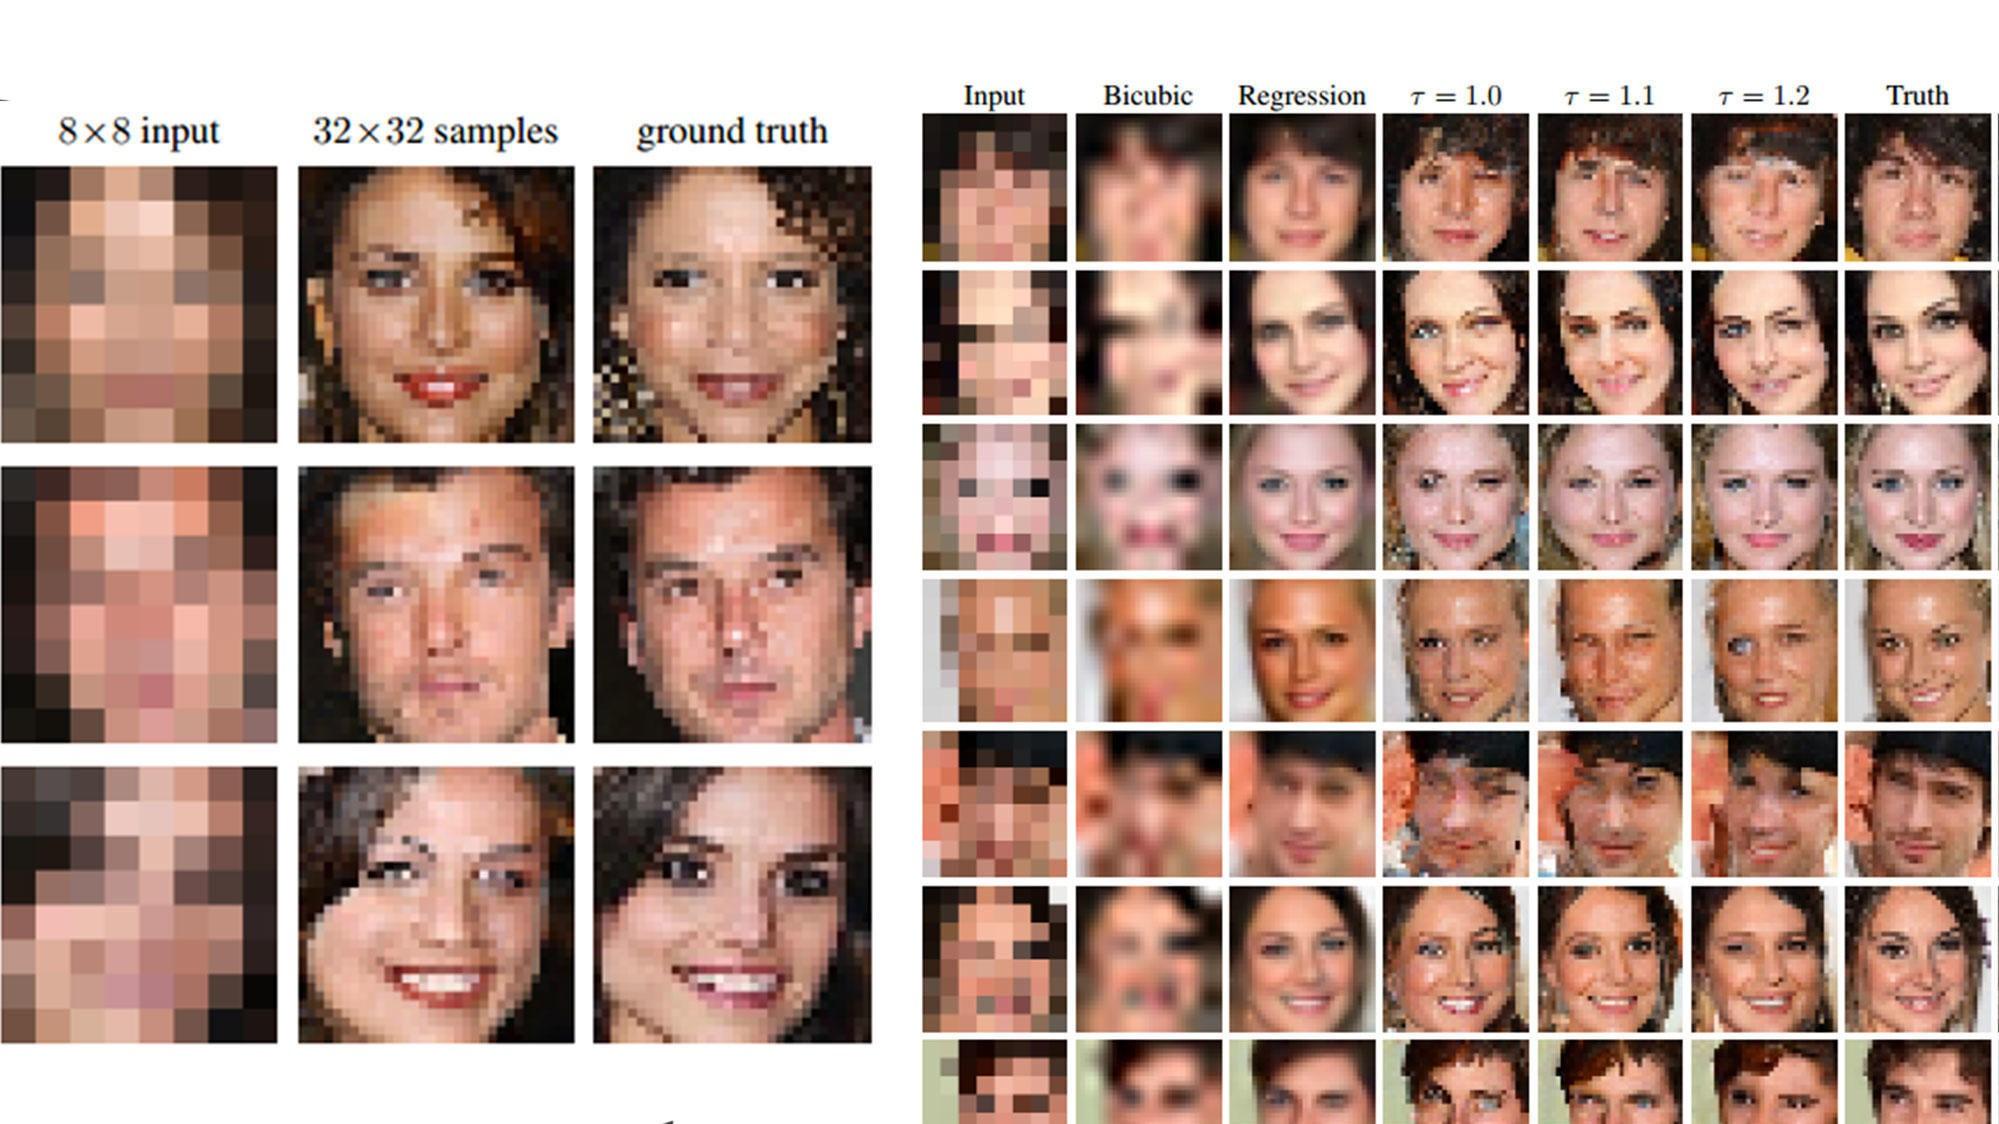 Googles nye bildeteknologi kan gjette seg frem til hvordan et bilde med ekstremt lav oppløsning egentlig ser ut.